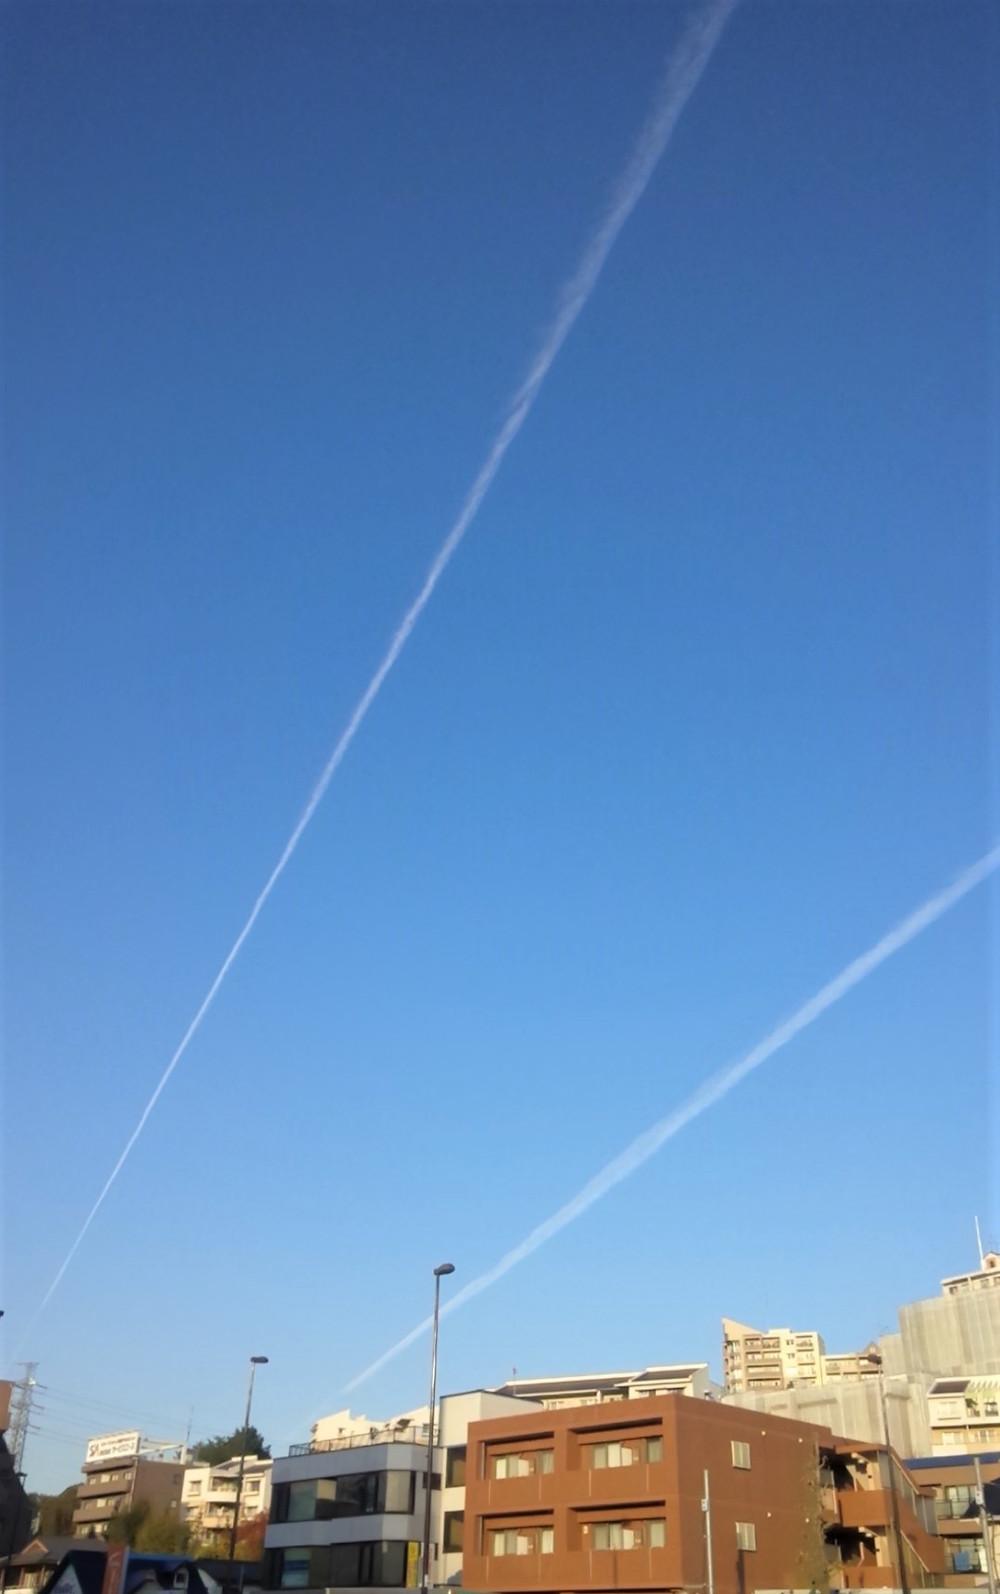 多摩市多摩センターの整体院身体均整堂からだやの飛行機雲の二重奏